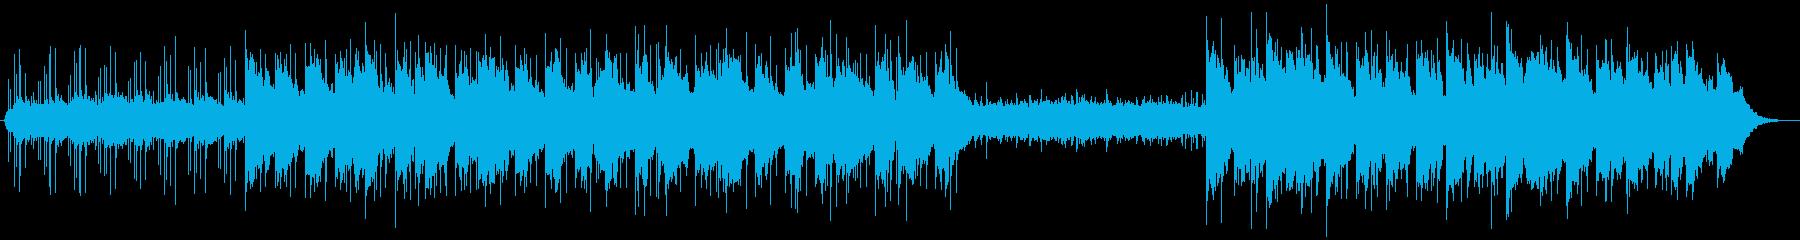 ゆったりと浮遊感ある夜のイメージの楽曲の再生済みの波形